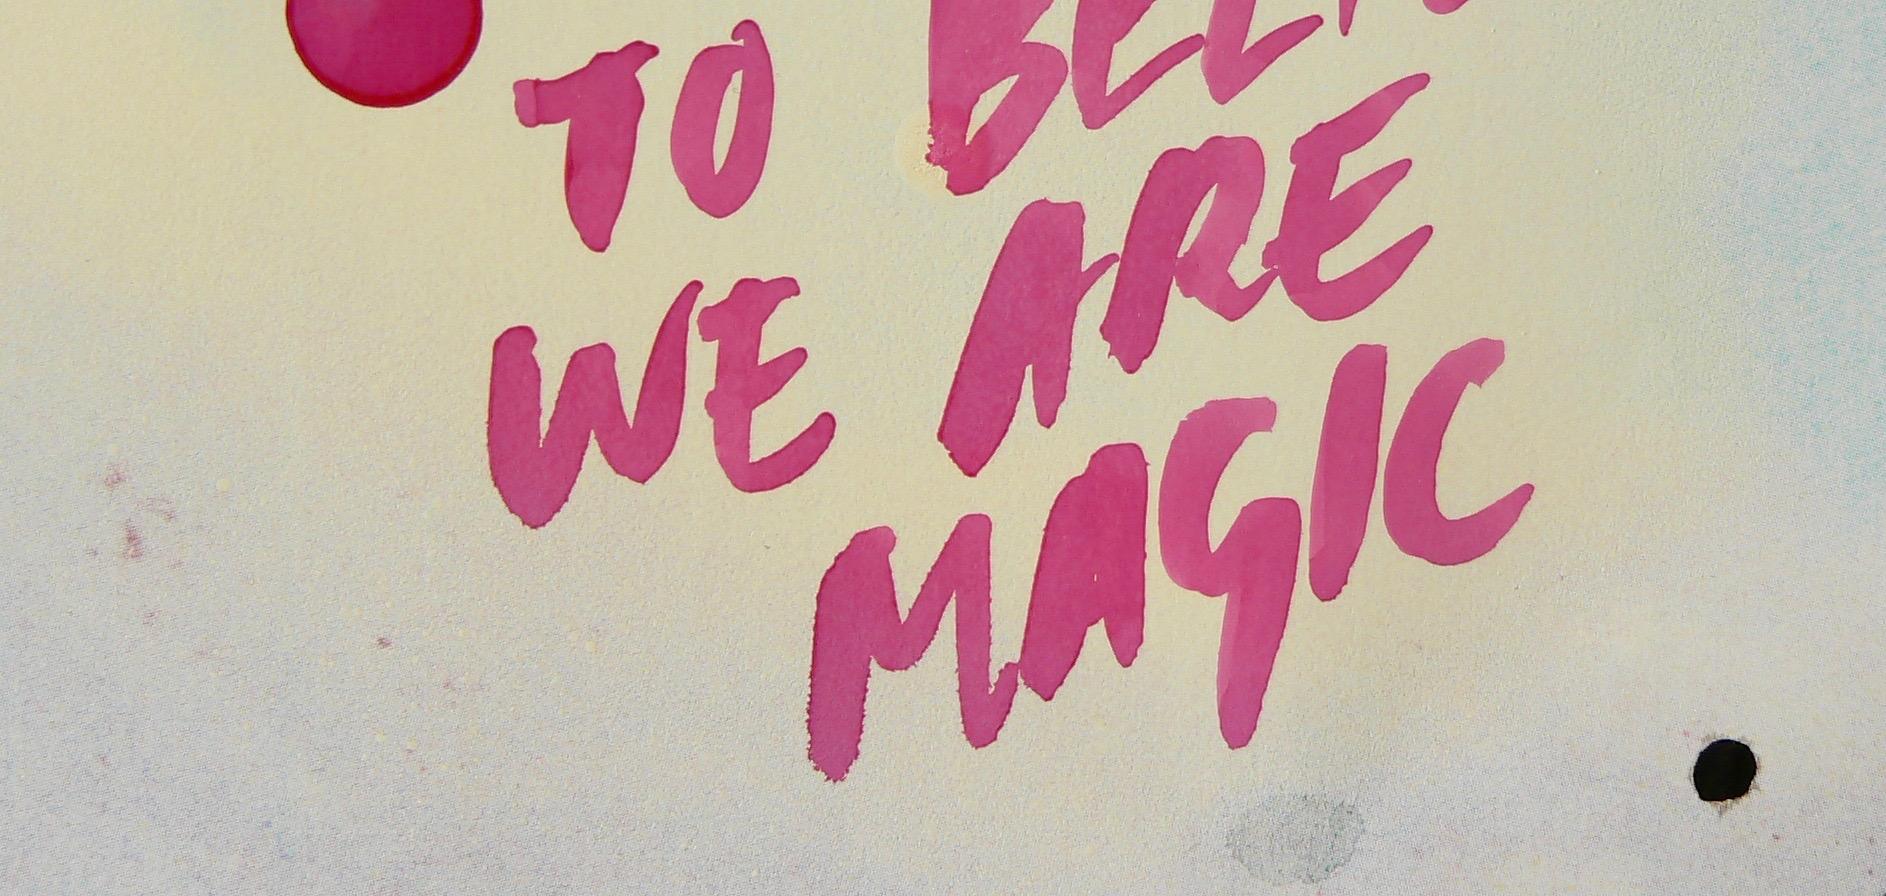 We are magic - fünf hilfreiche Fragen